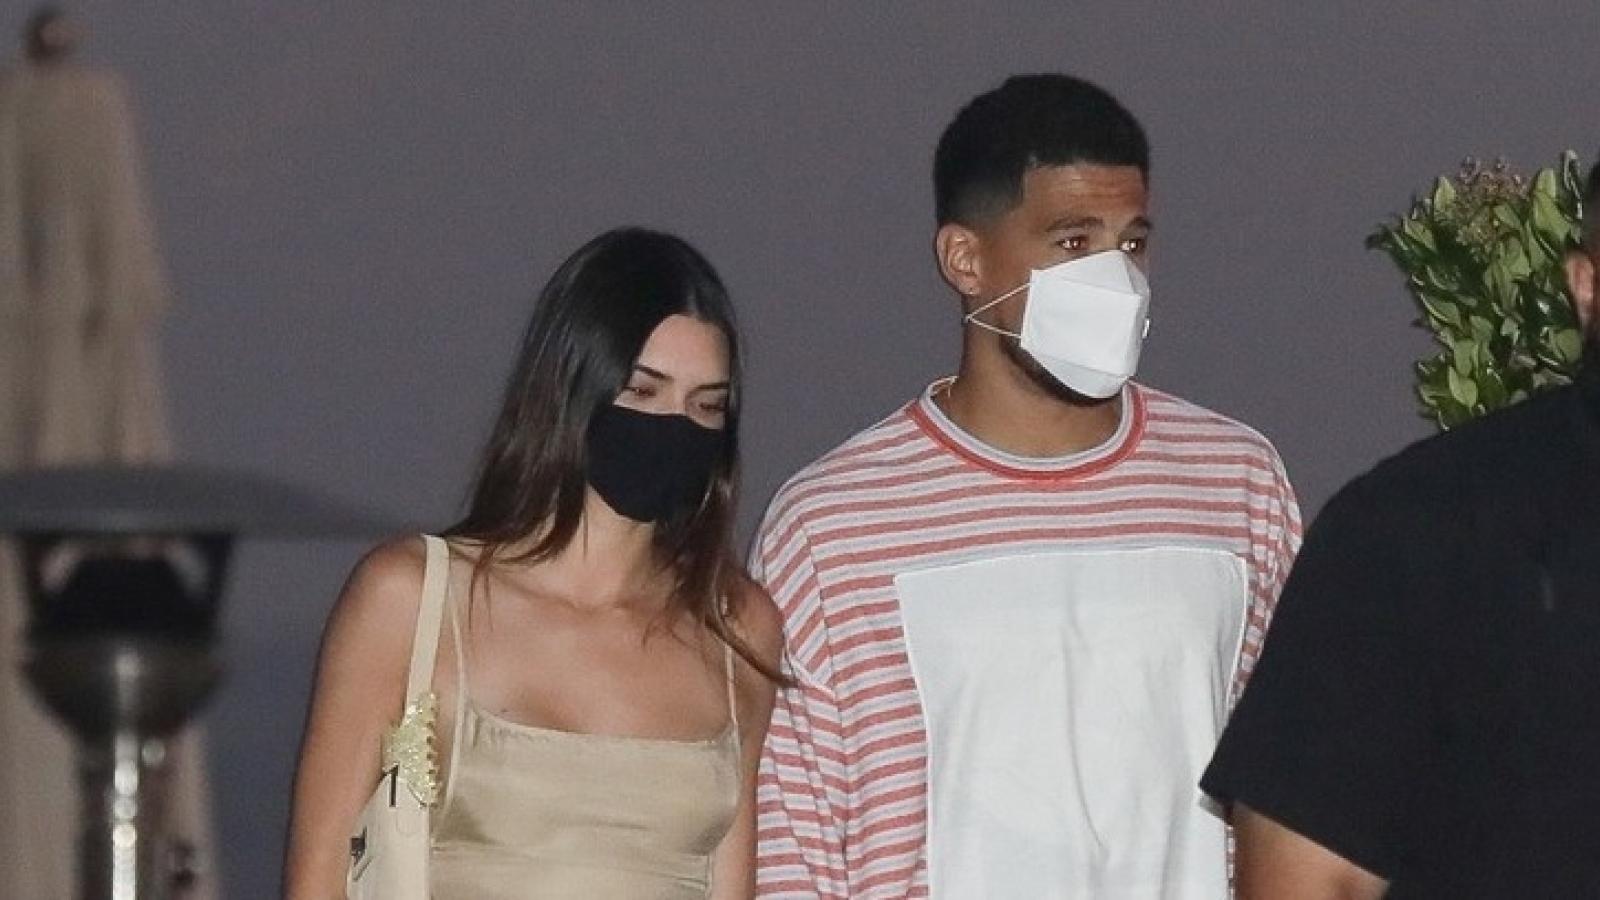 Kendall Jenner phối đồ gợi cảm đi chơi đêm cùng bạn trai